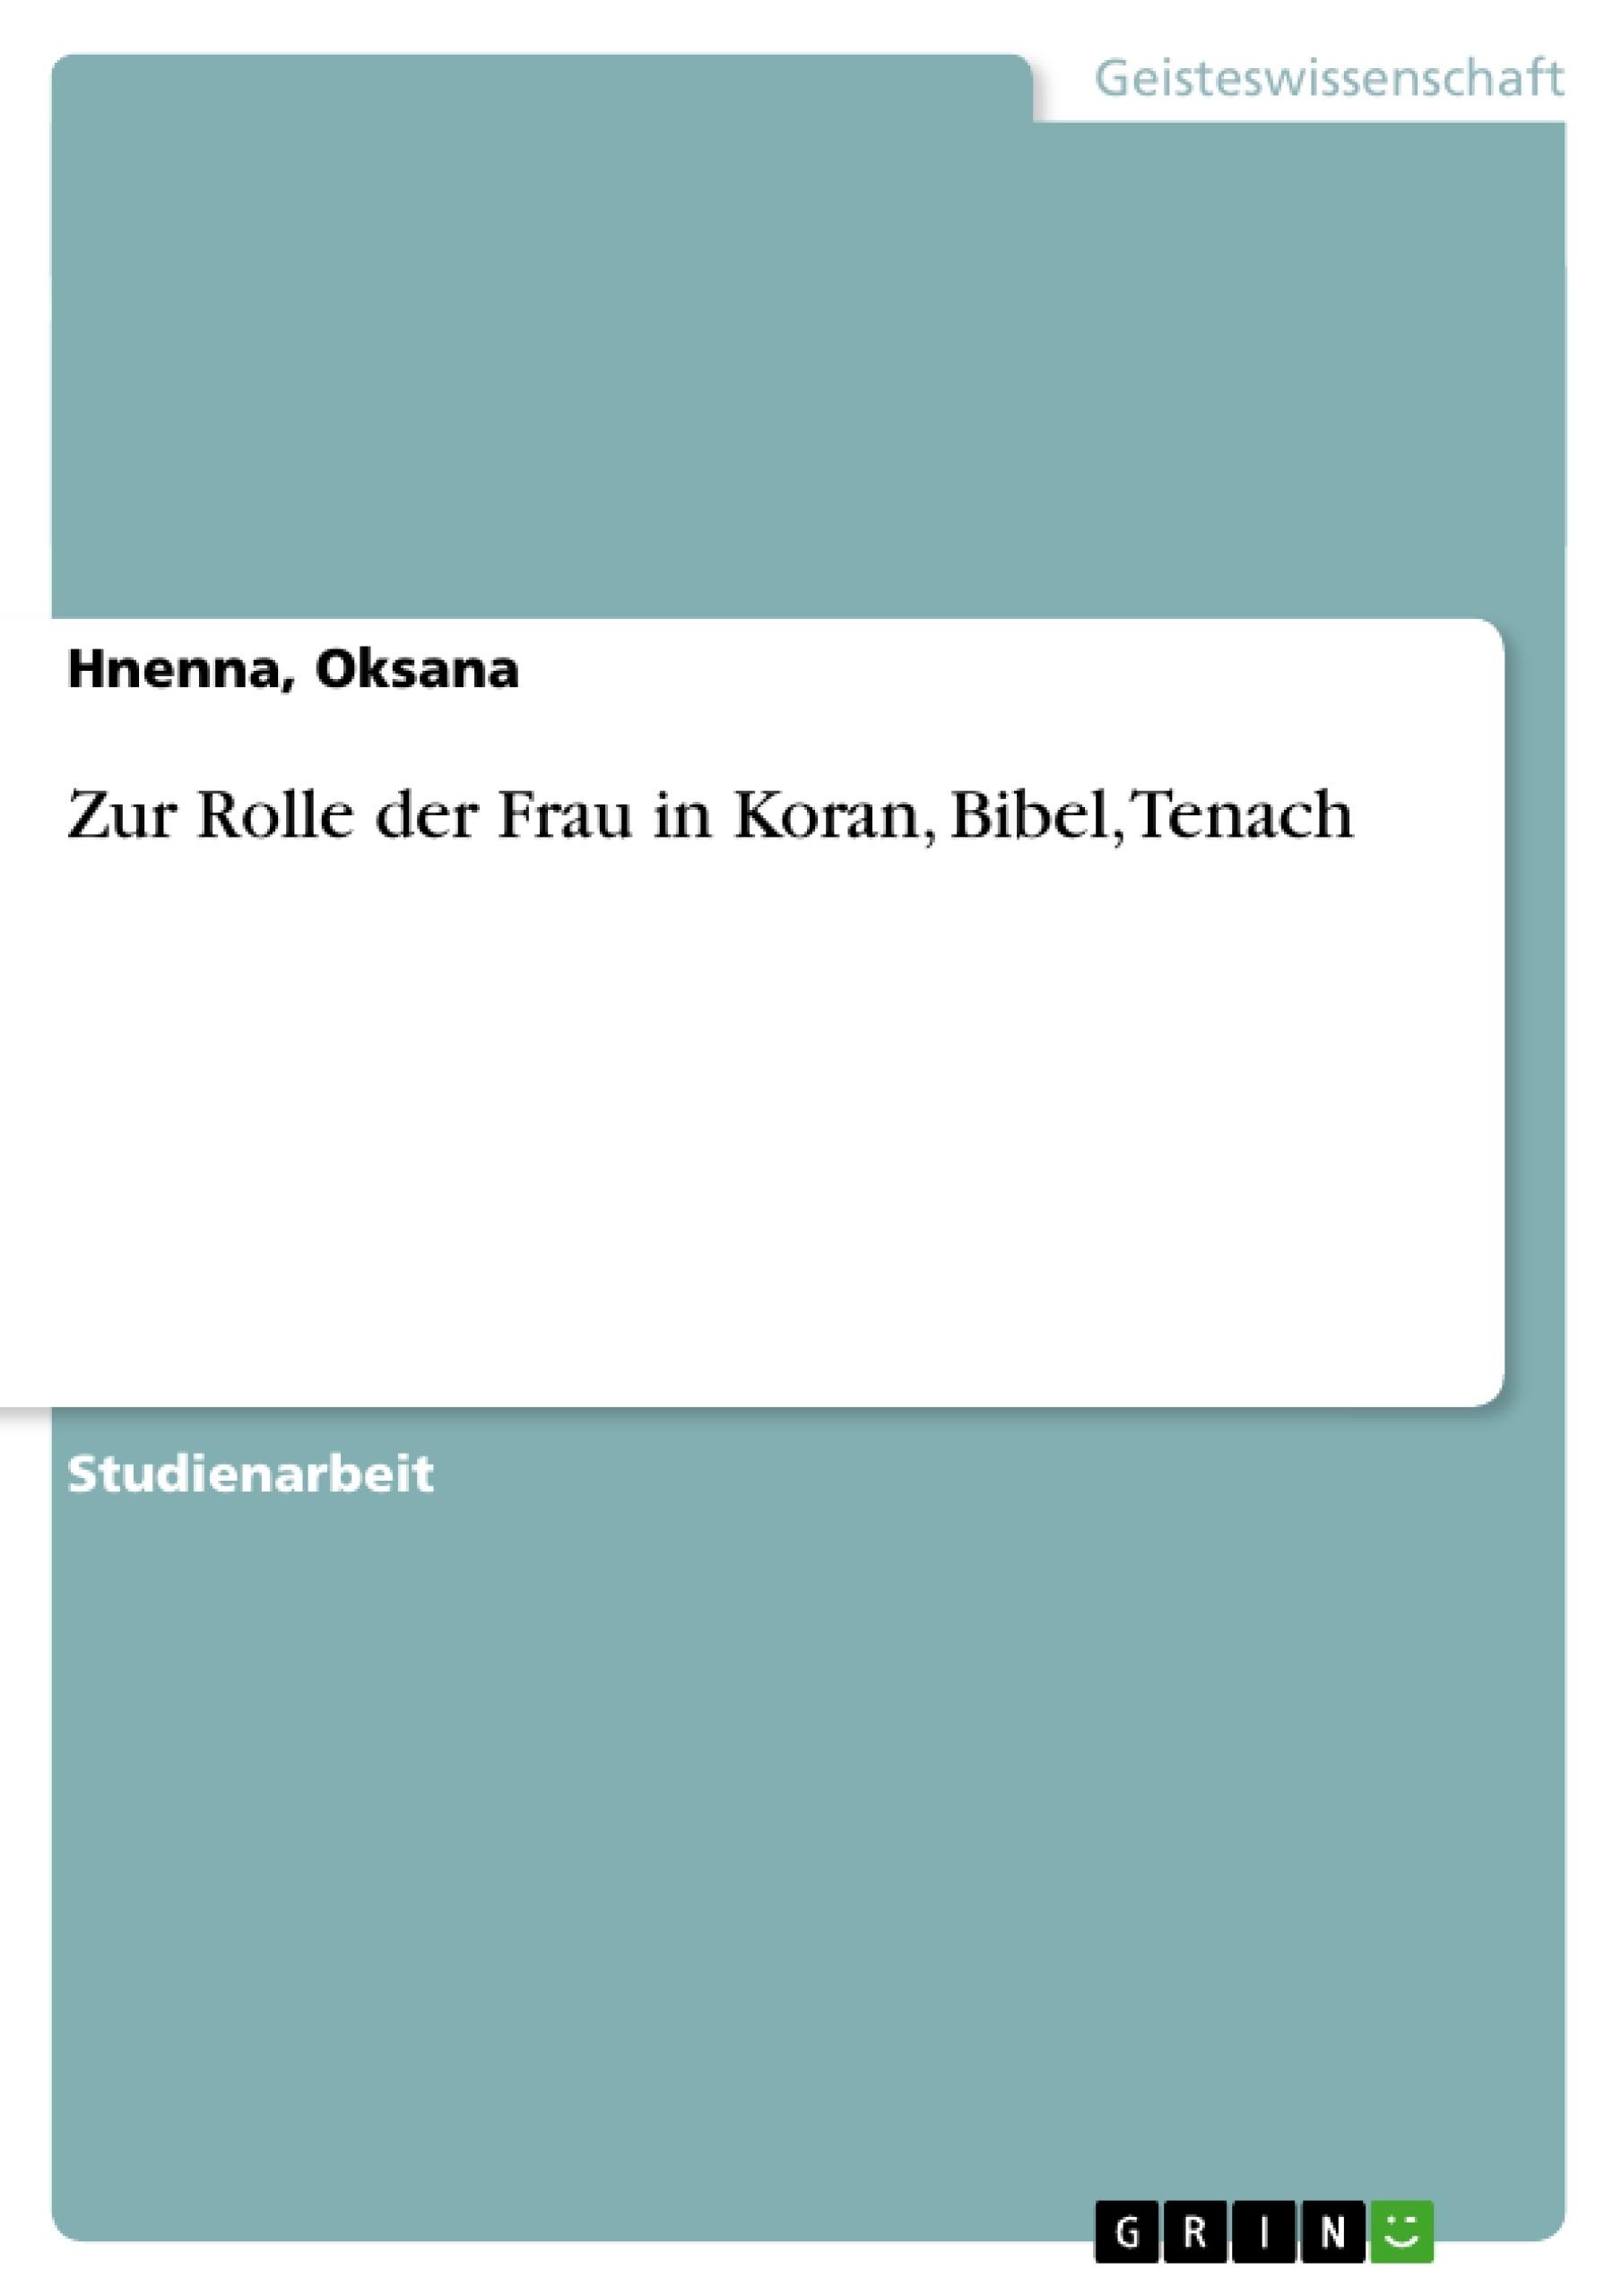 Titel: Zur Rolle der Frau in Koran, Bibel, Tenach